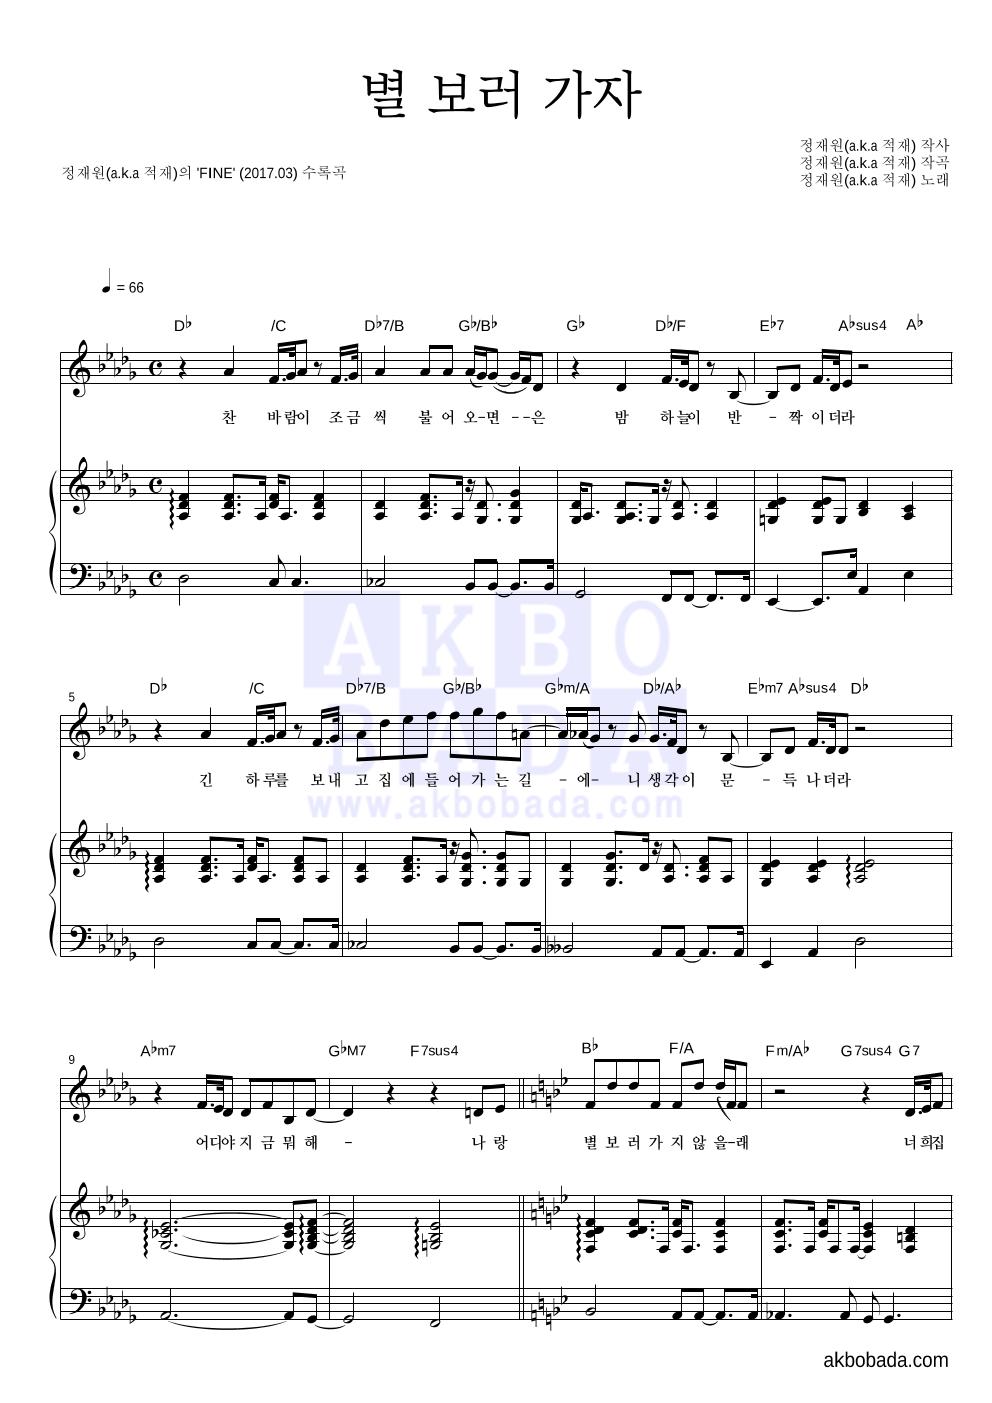 적재 - 별 보러 가자 피아노 3단 악보